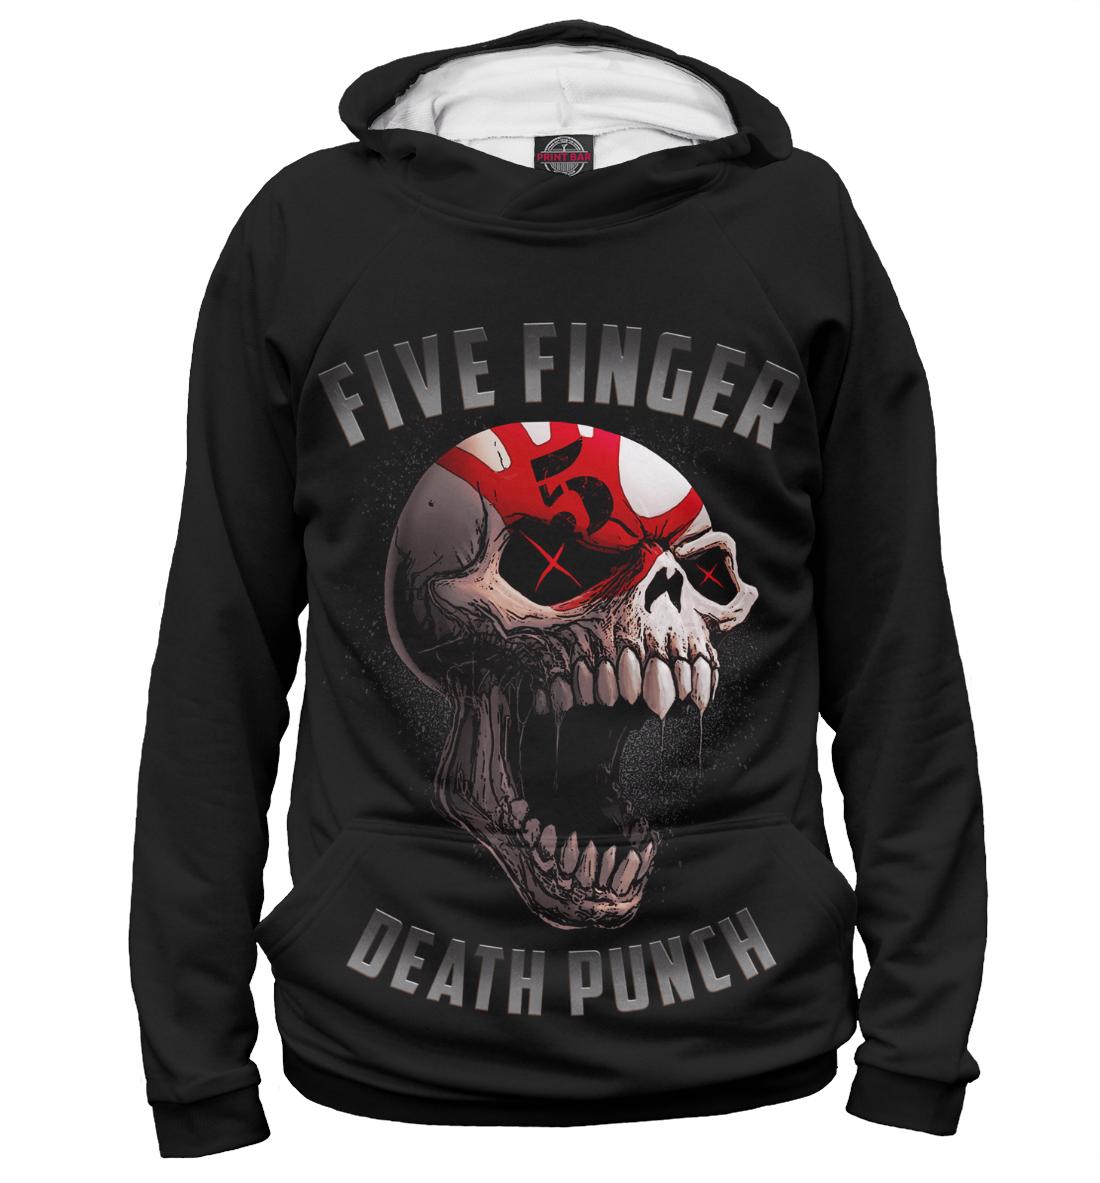 Купить Five Finger Death Punch, Printbar, Худи, FFD-689317-hud-1